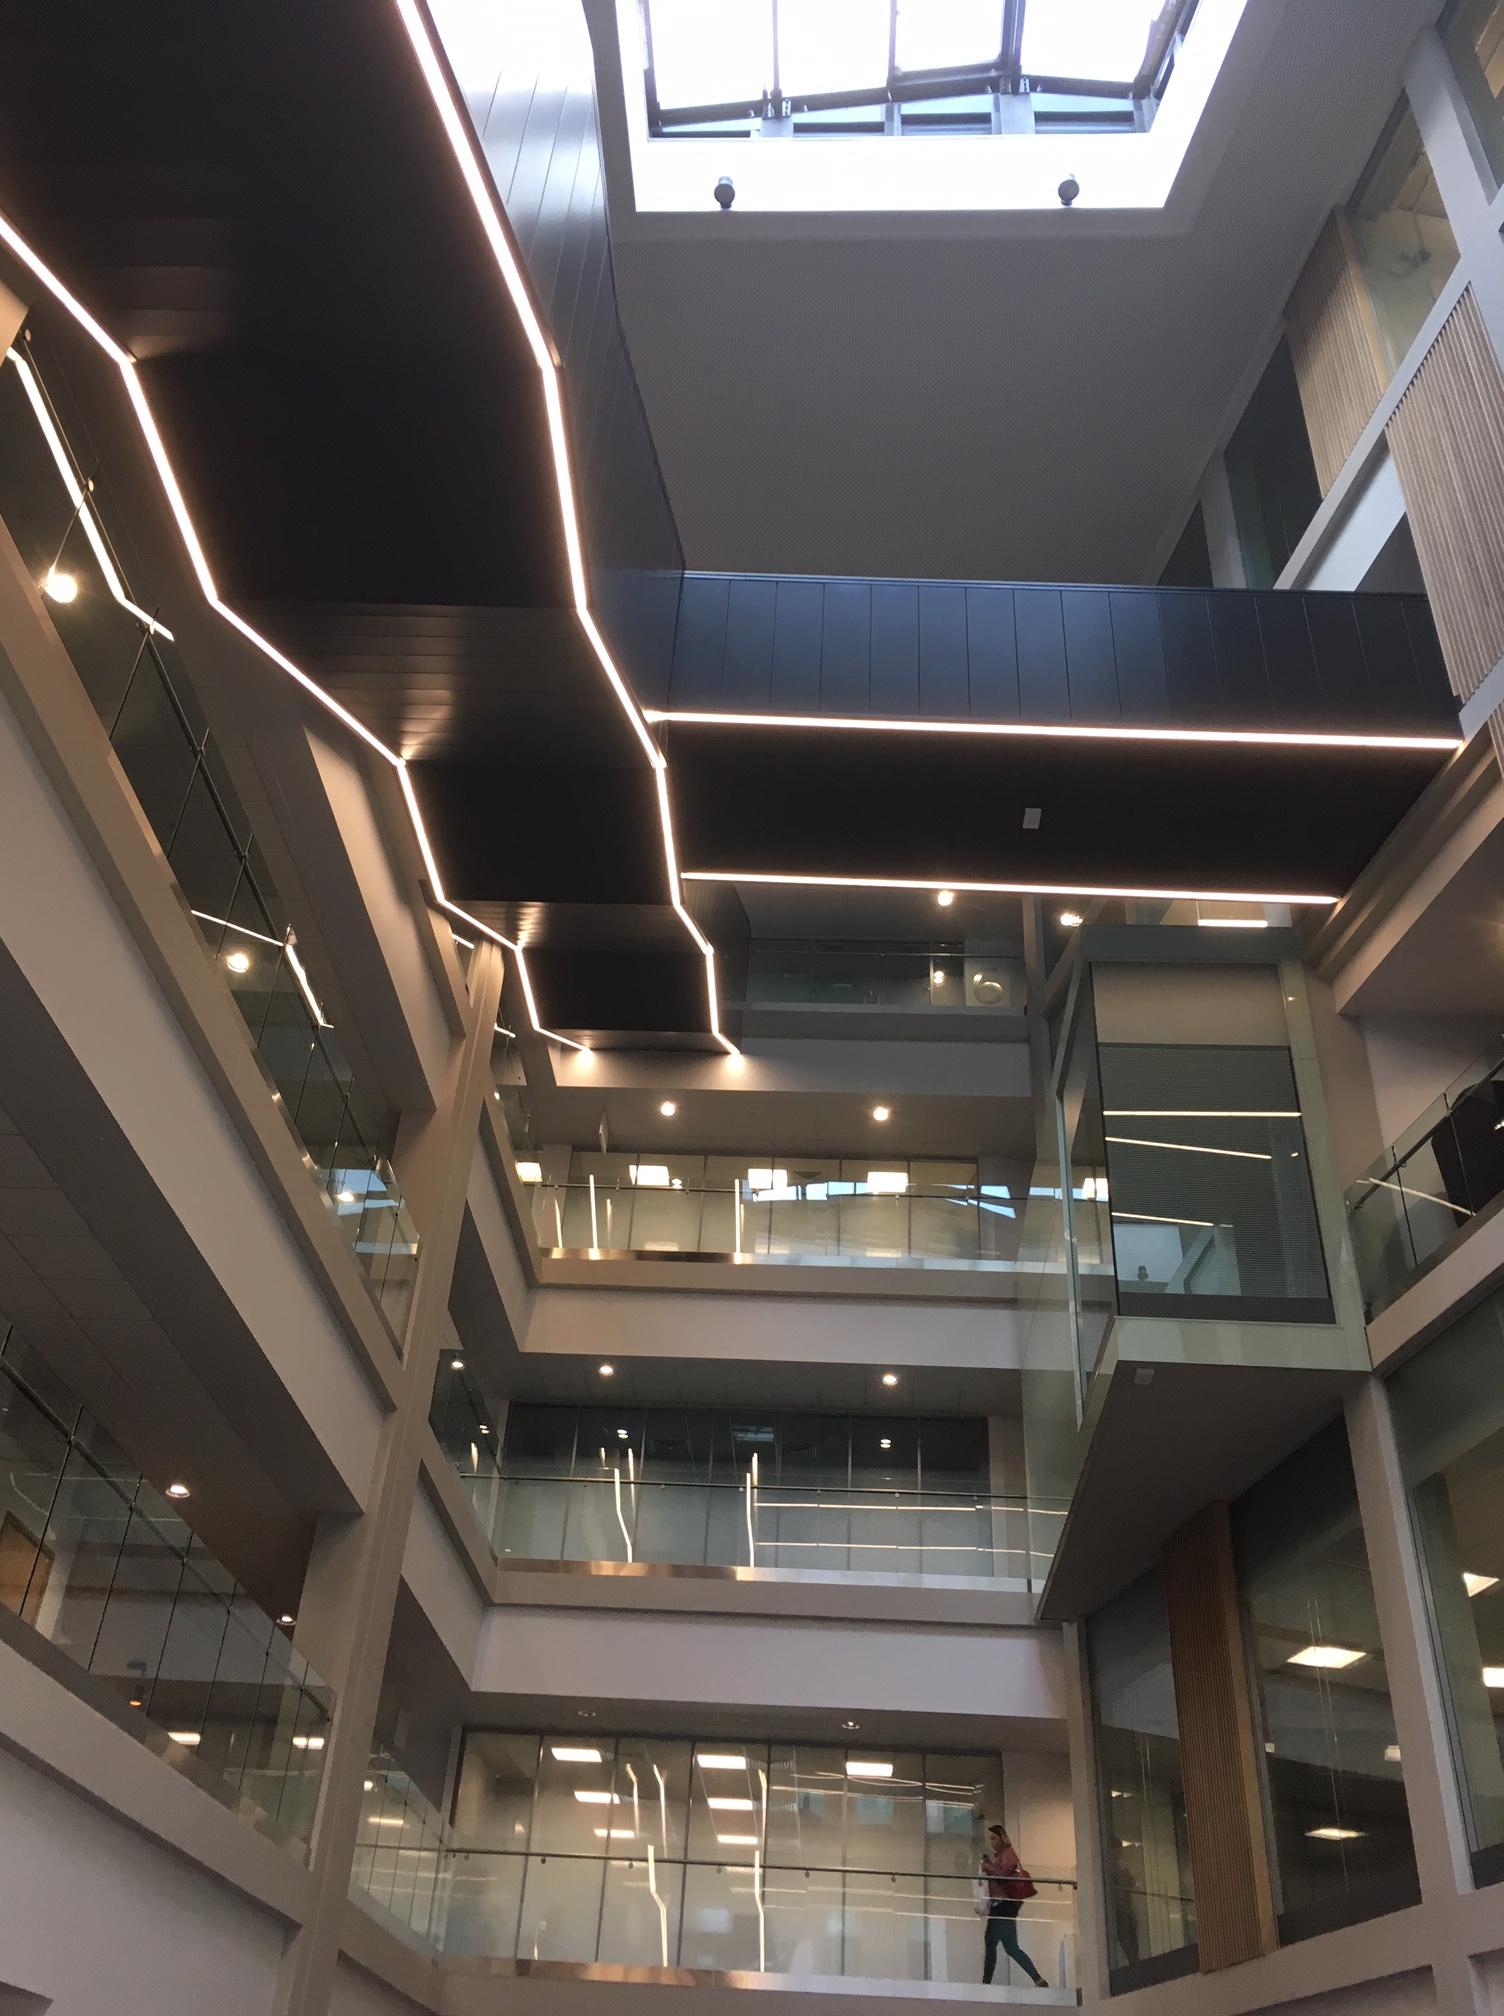 UWE business school